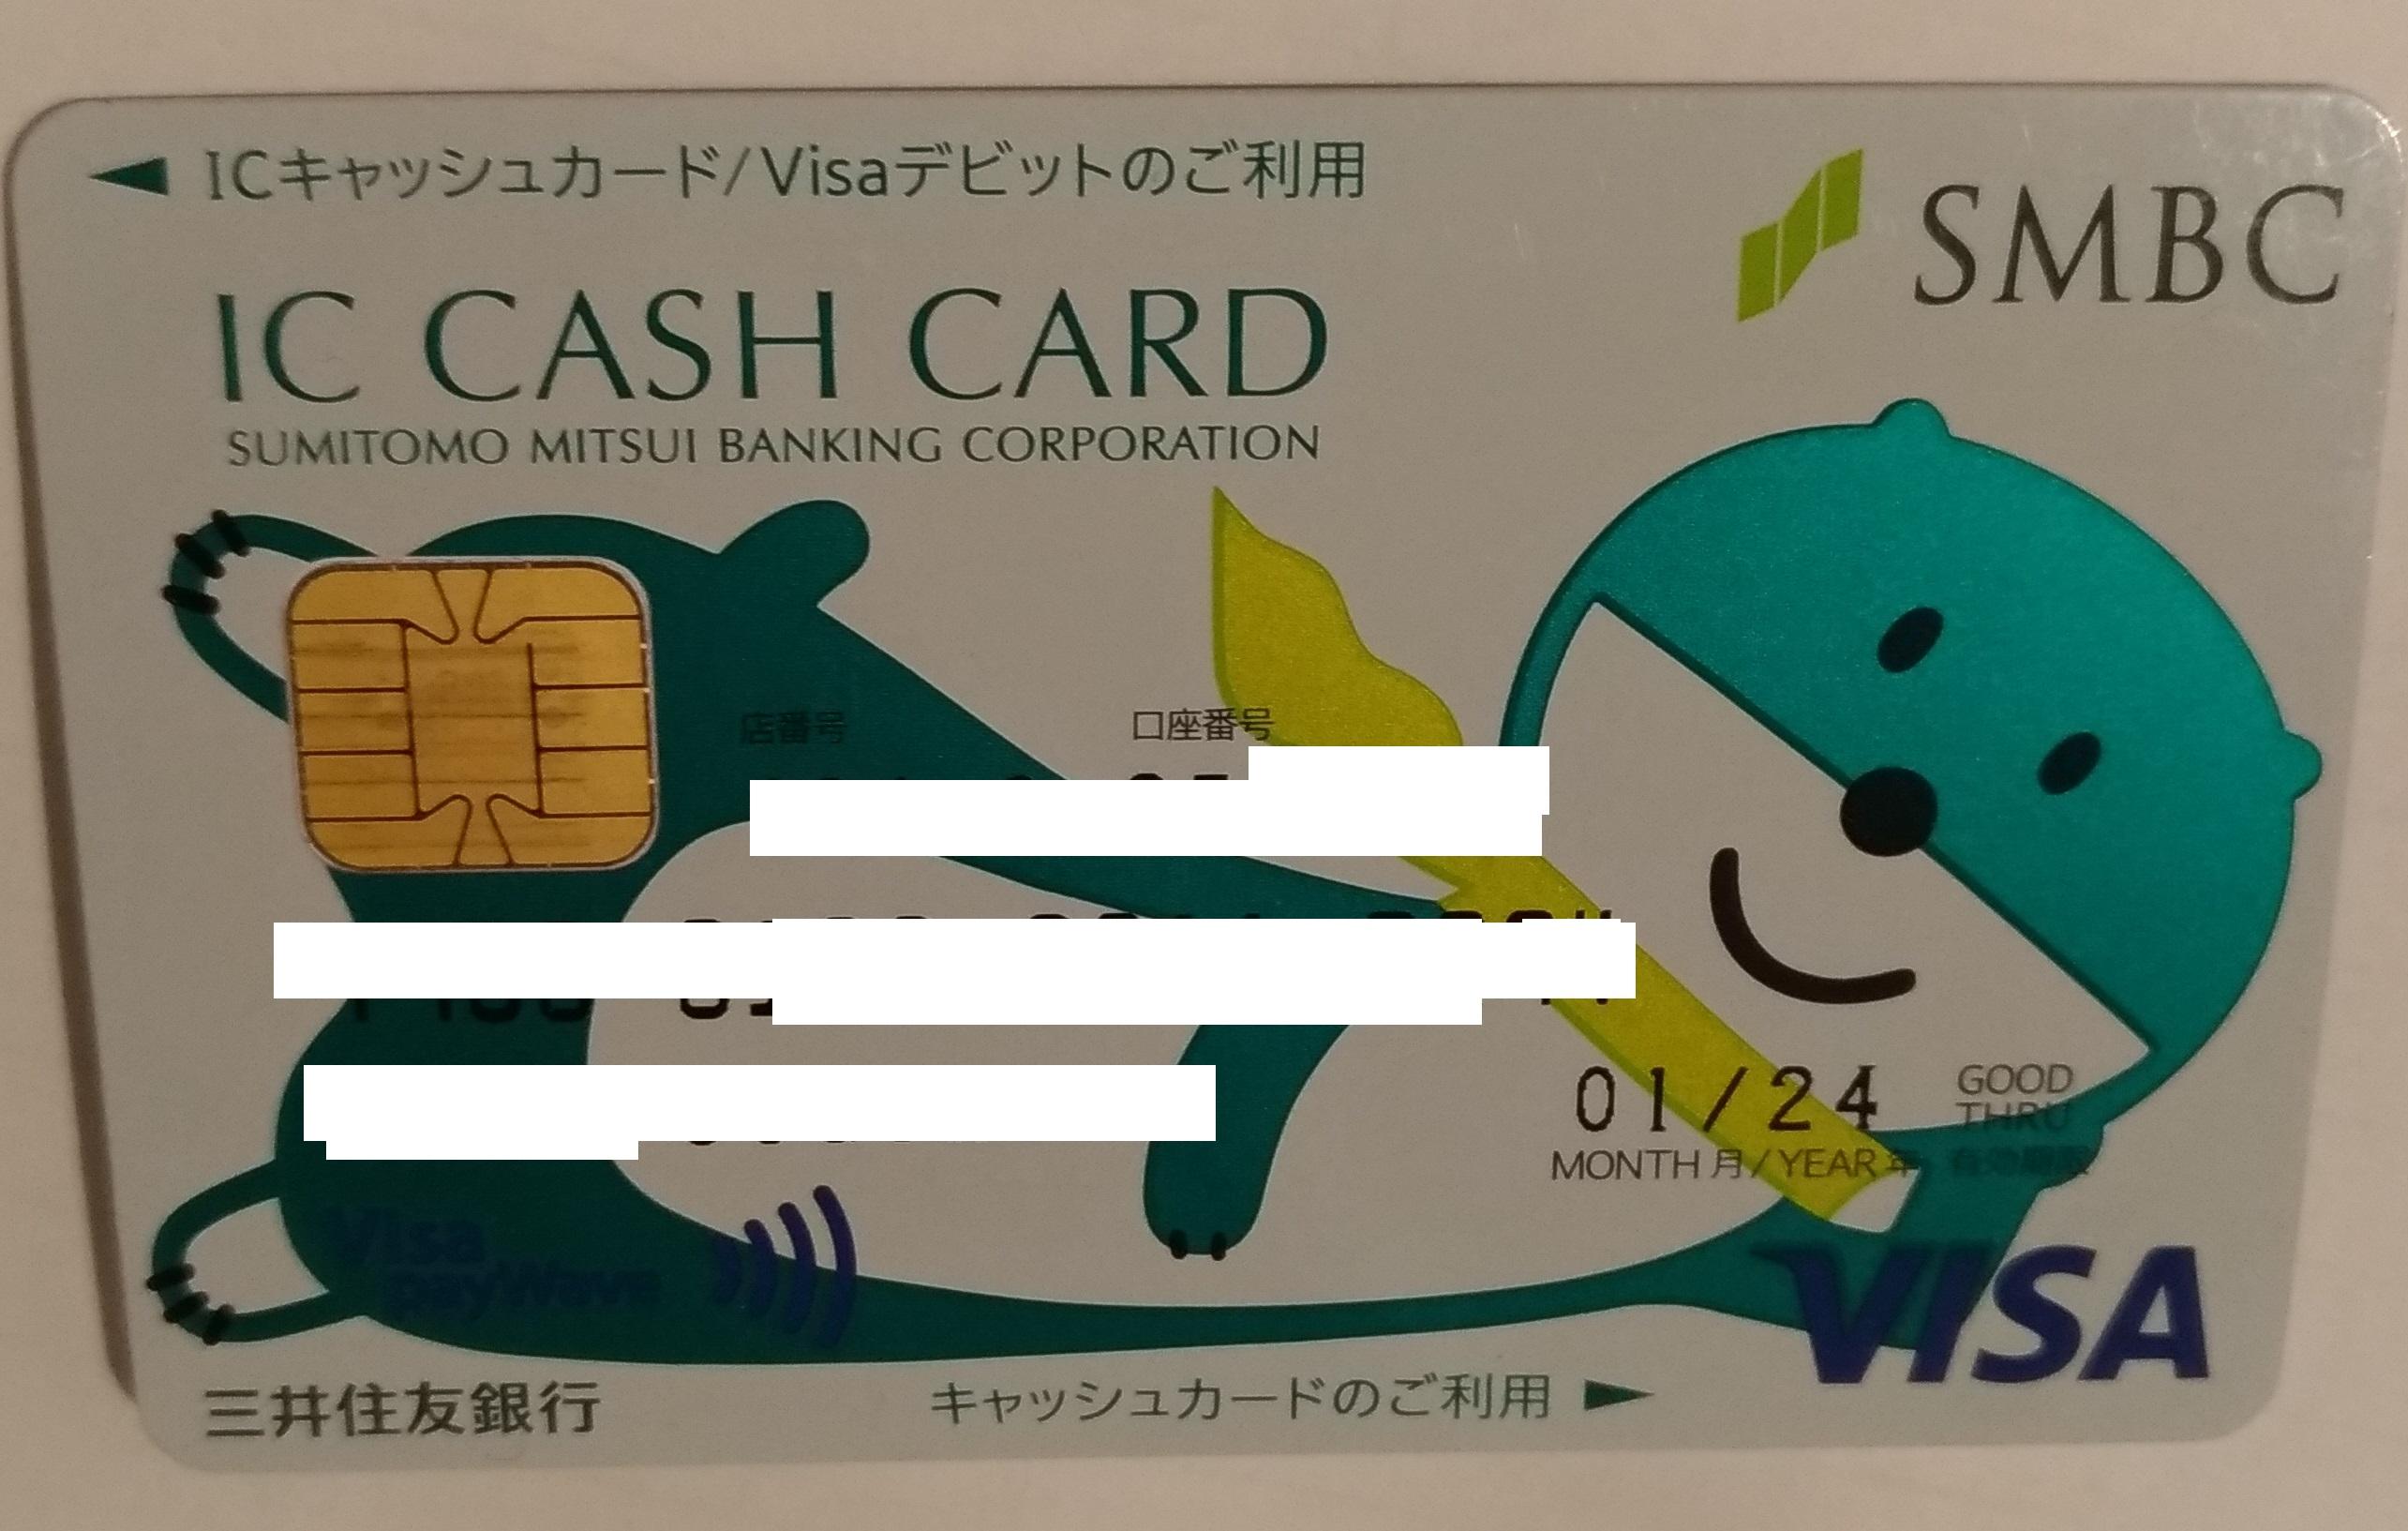 mitsuisumitomo_500en_debit.jpg